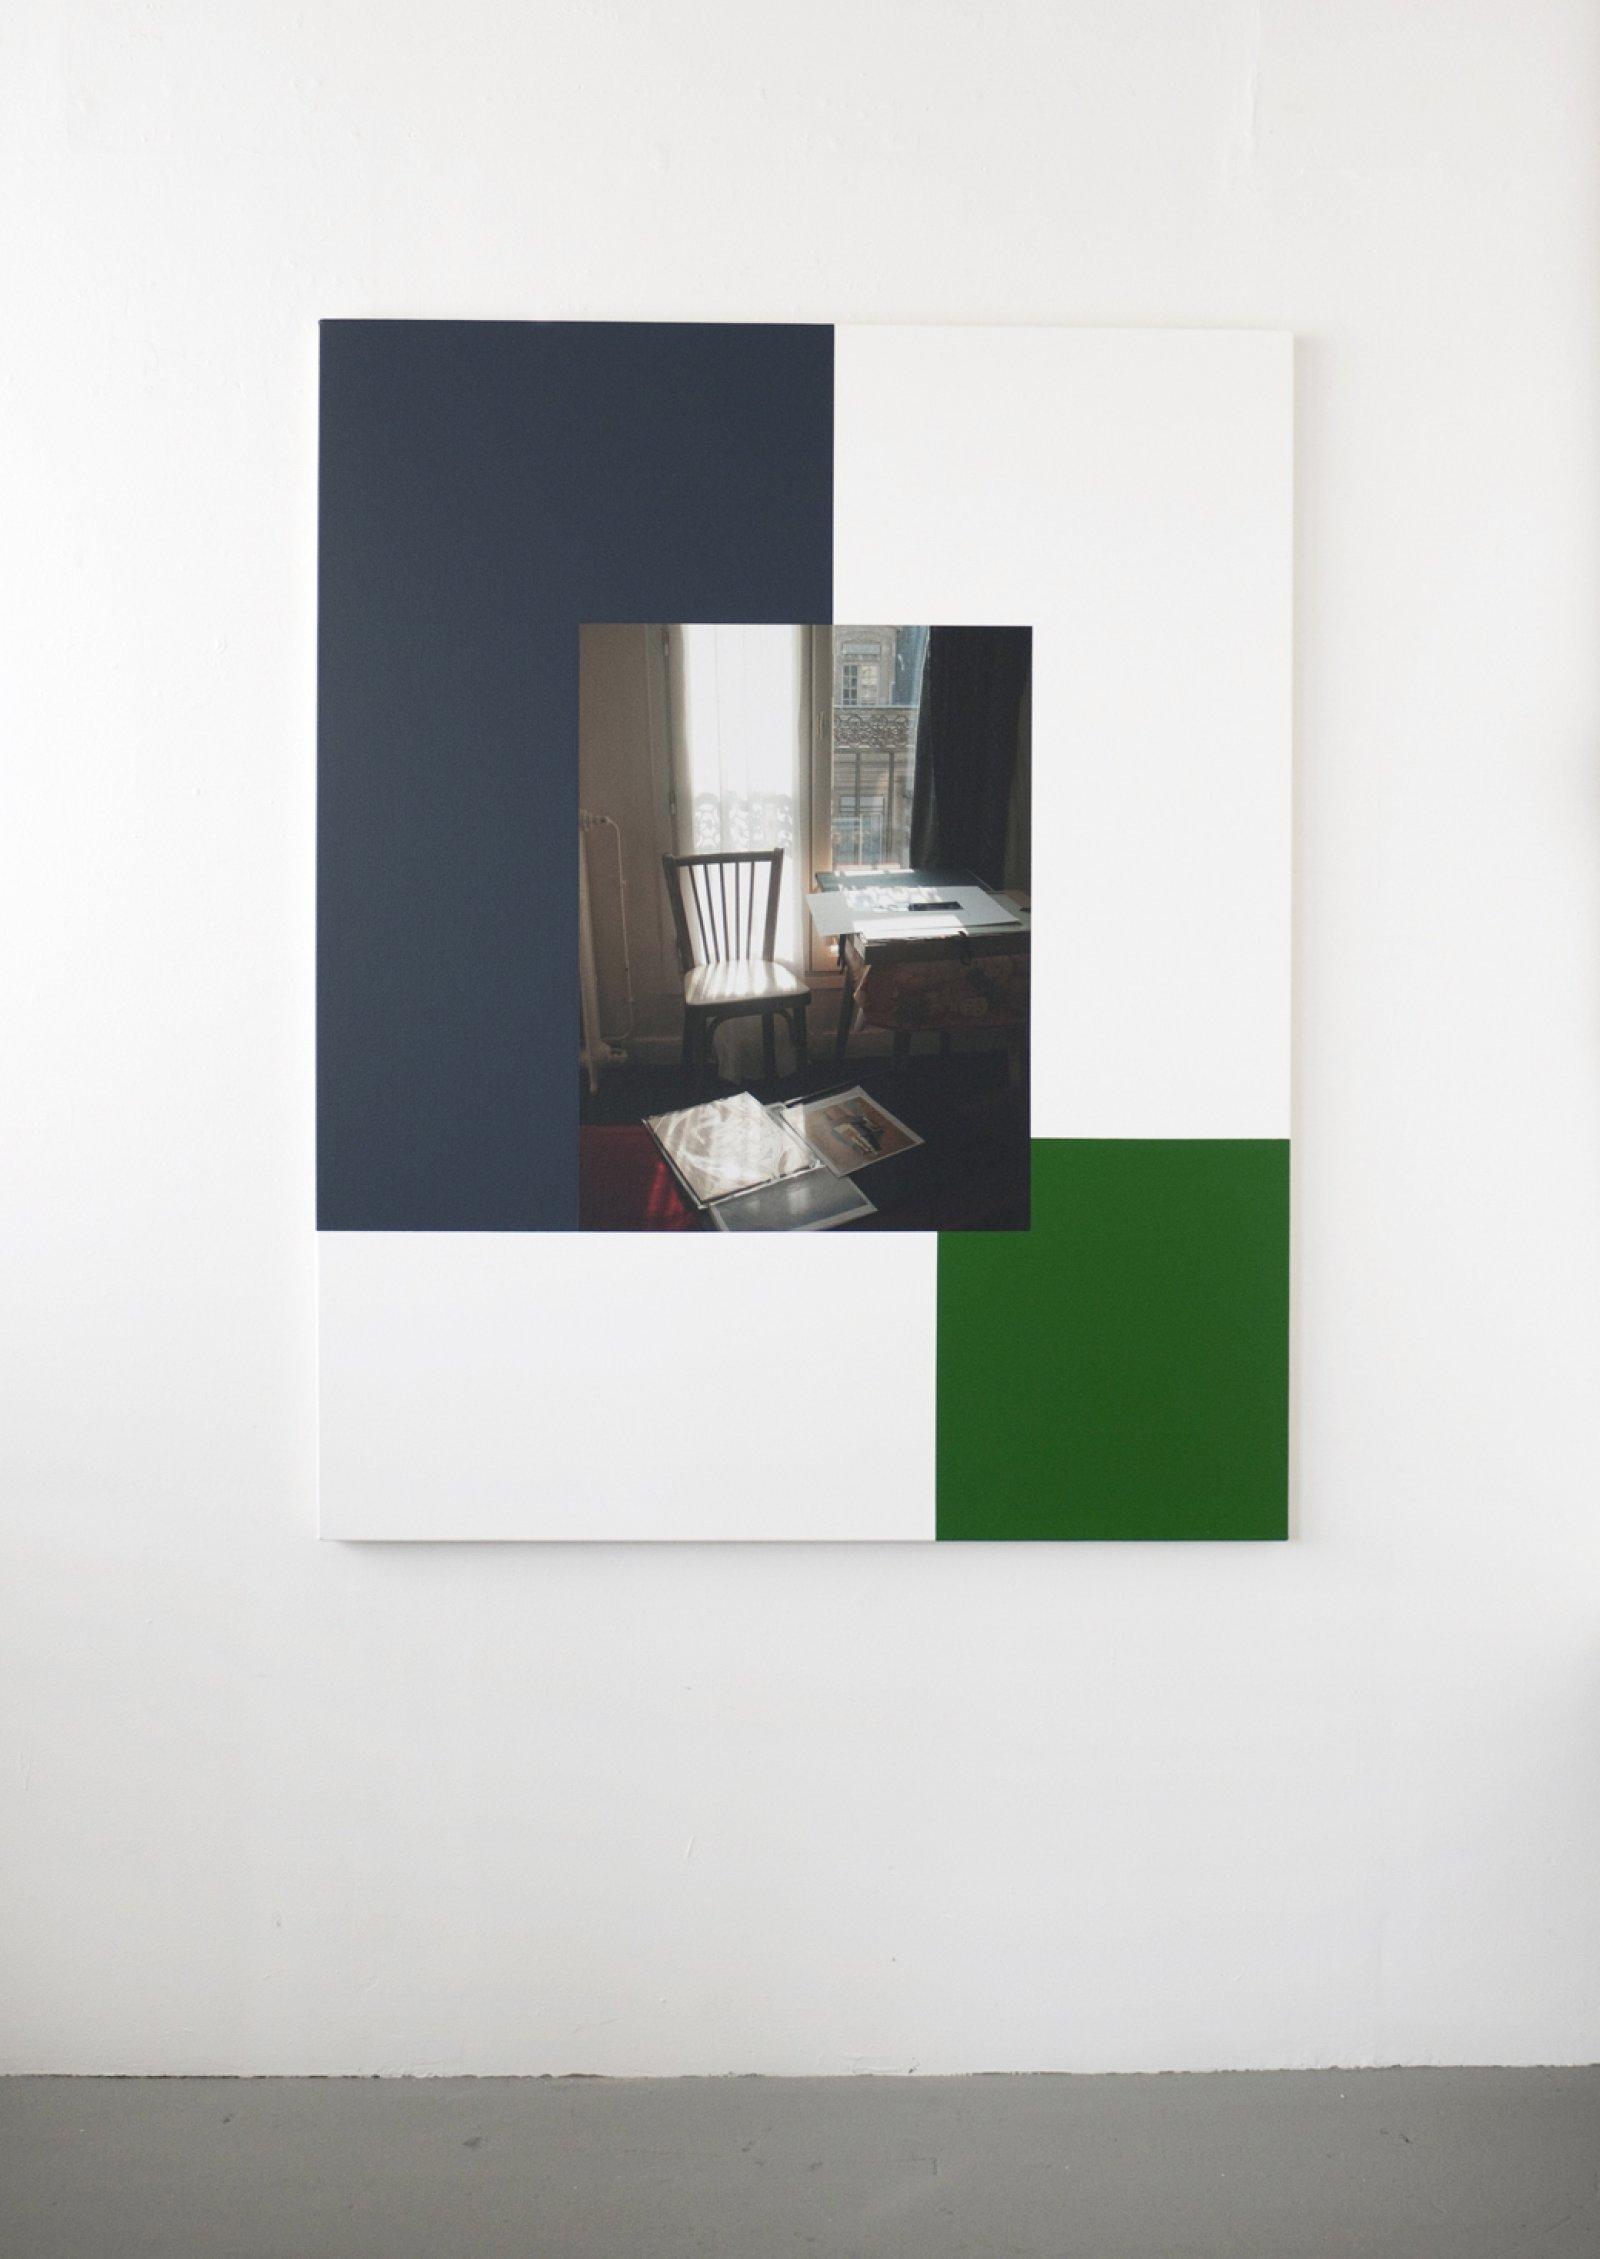 Ian Wallace,Hotel Rivoli (22 November 2003) II, 2012,photolaminate and acrylic on canvas, 60 x 48 in. (153 x 122 cm)